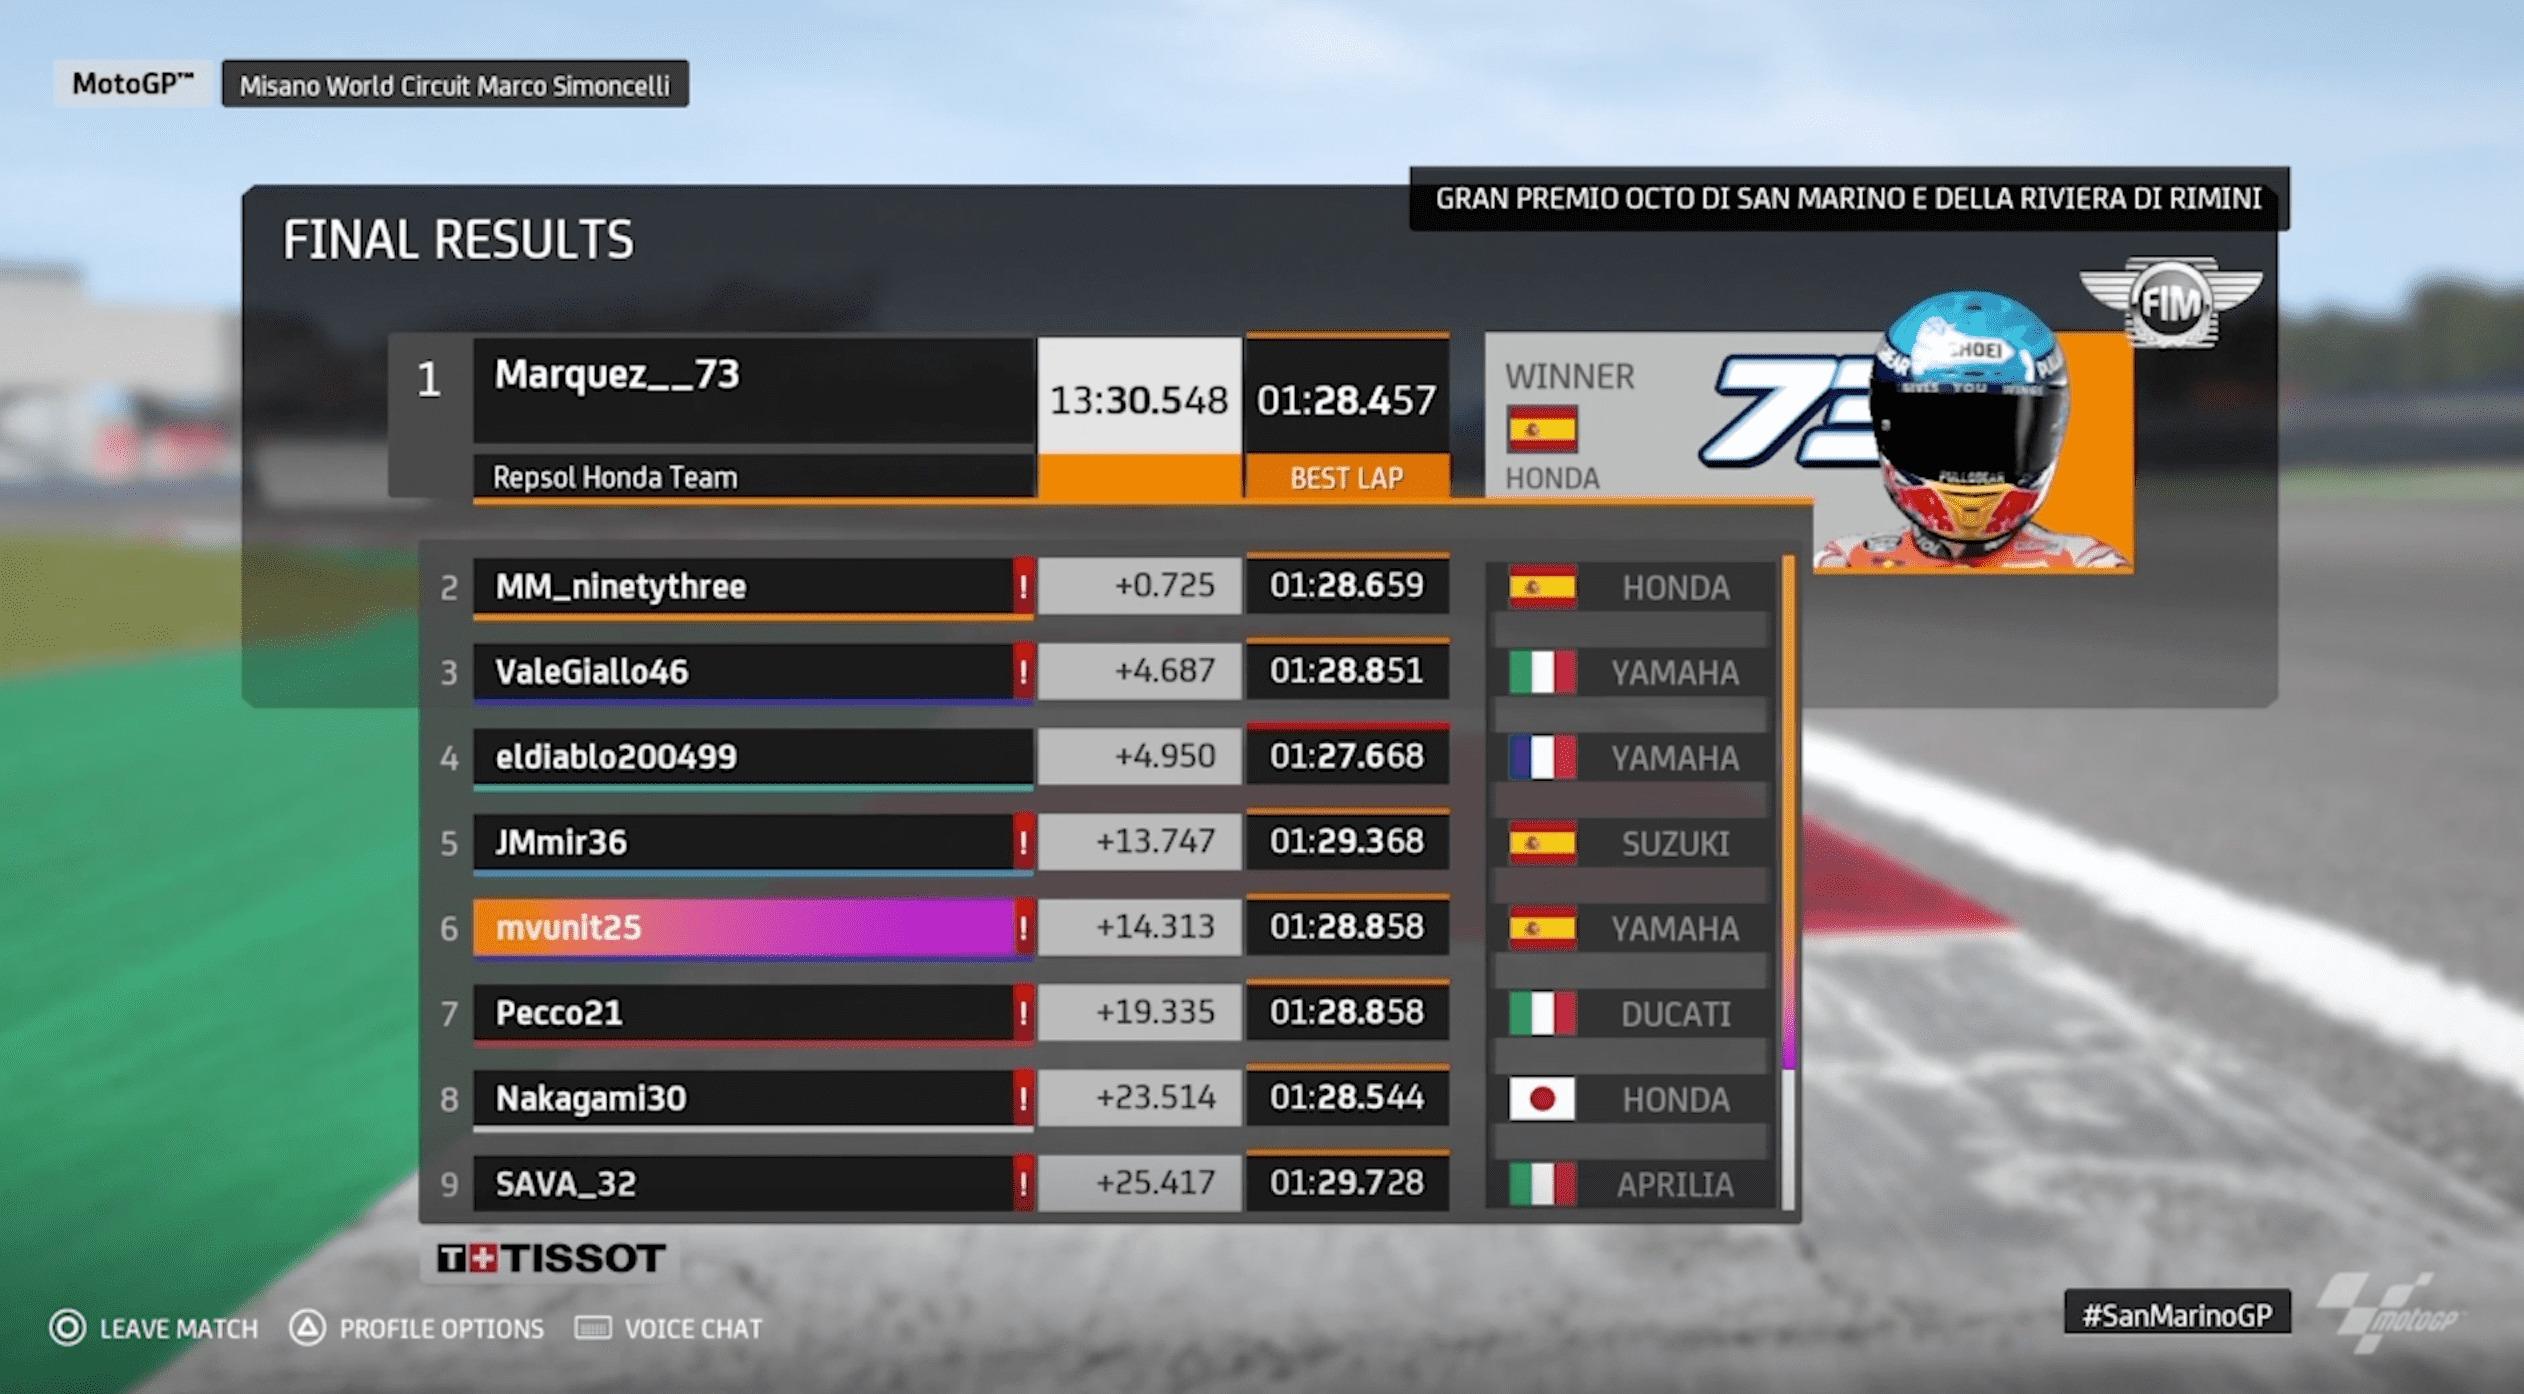 MotoGPバーチャルレース4 優勝したのはアレックス・マルケス